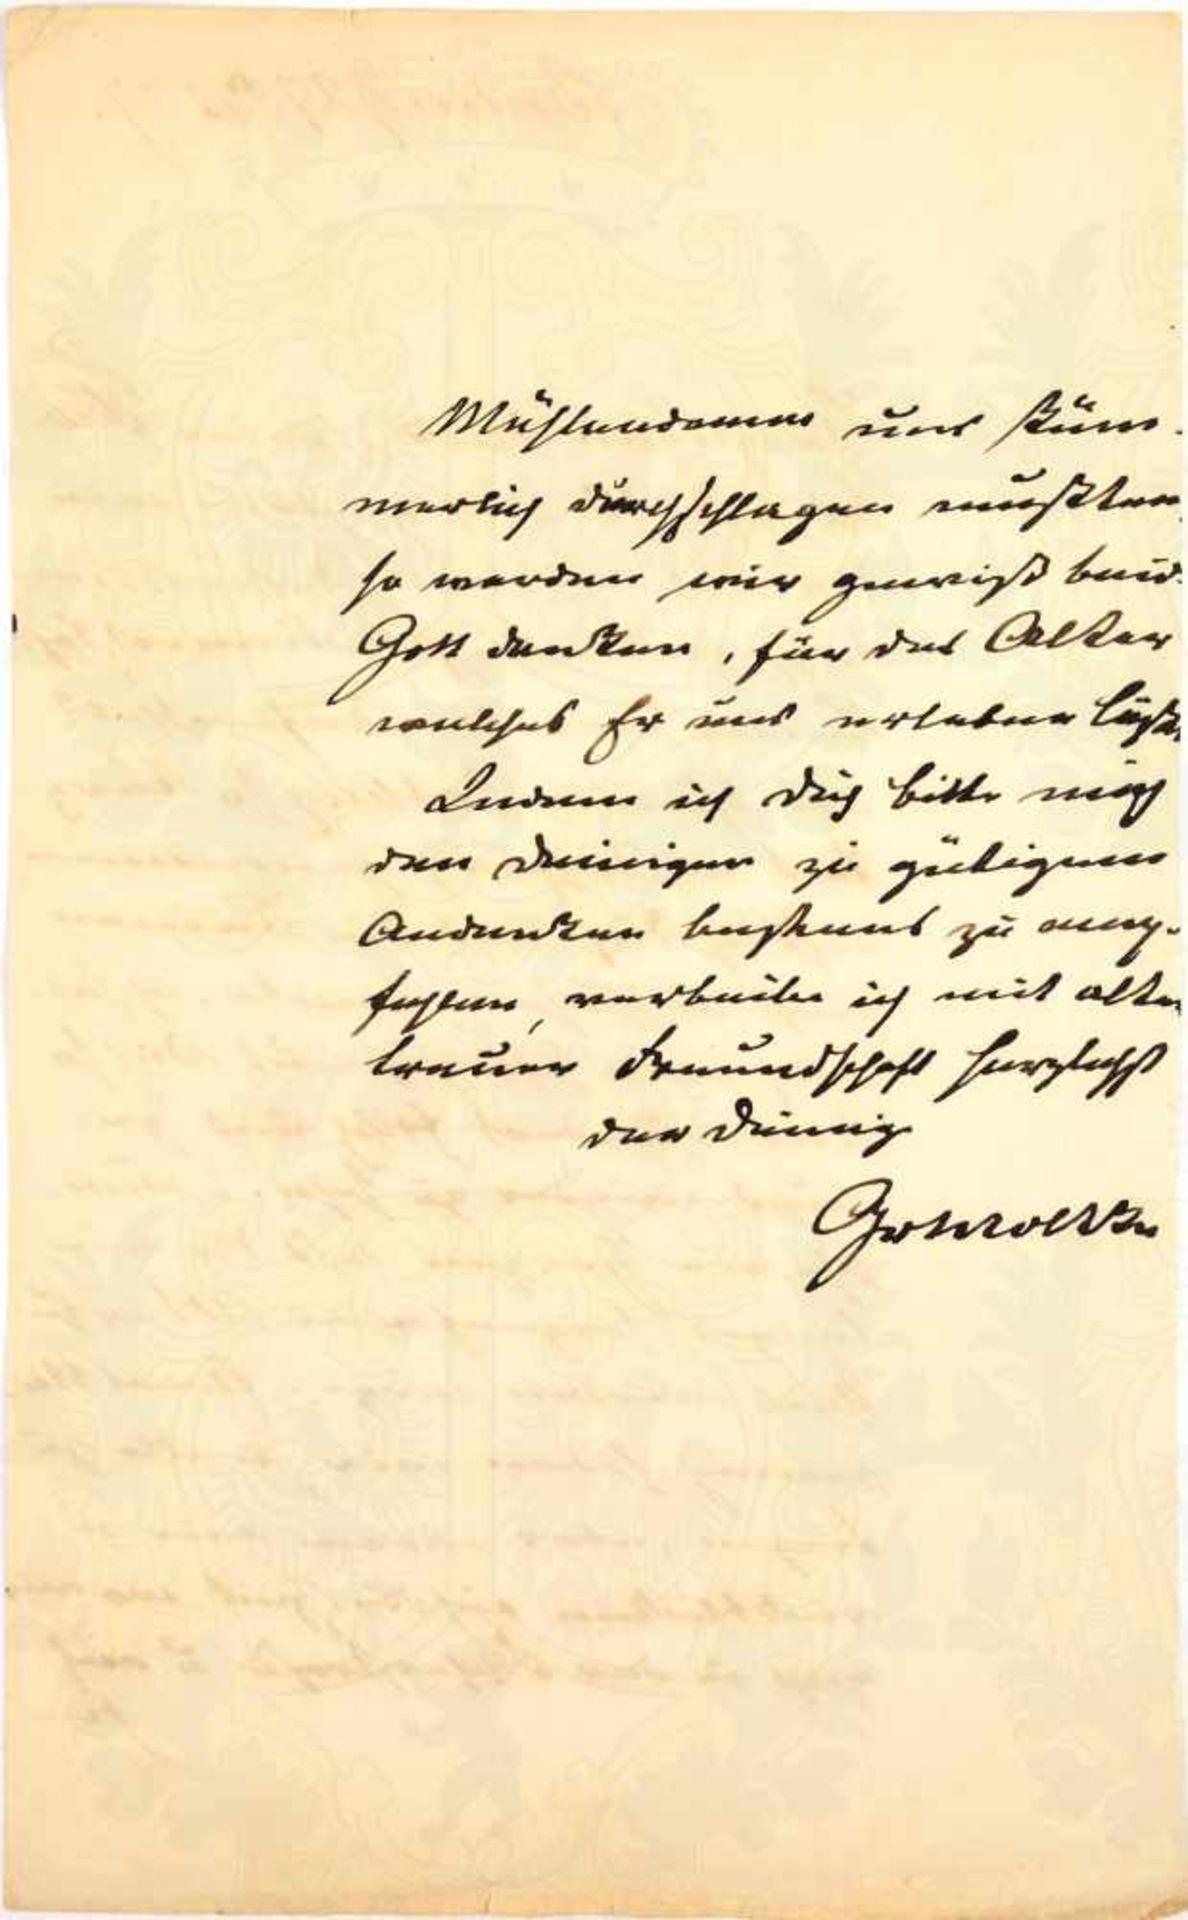 Los 4 - MOLTKE, Hellmuth Graf von, (1800-1891), Preußischer Generalfeldmarschall u. Stratege 1. Ranges,